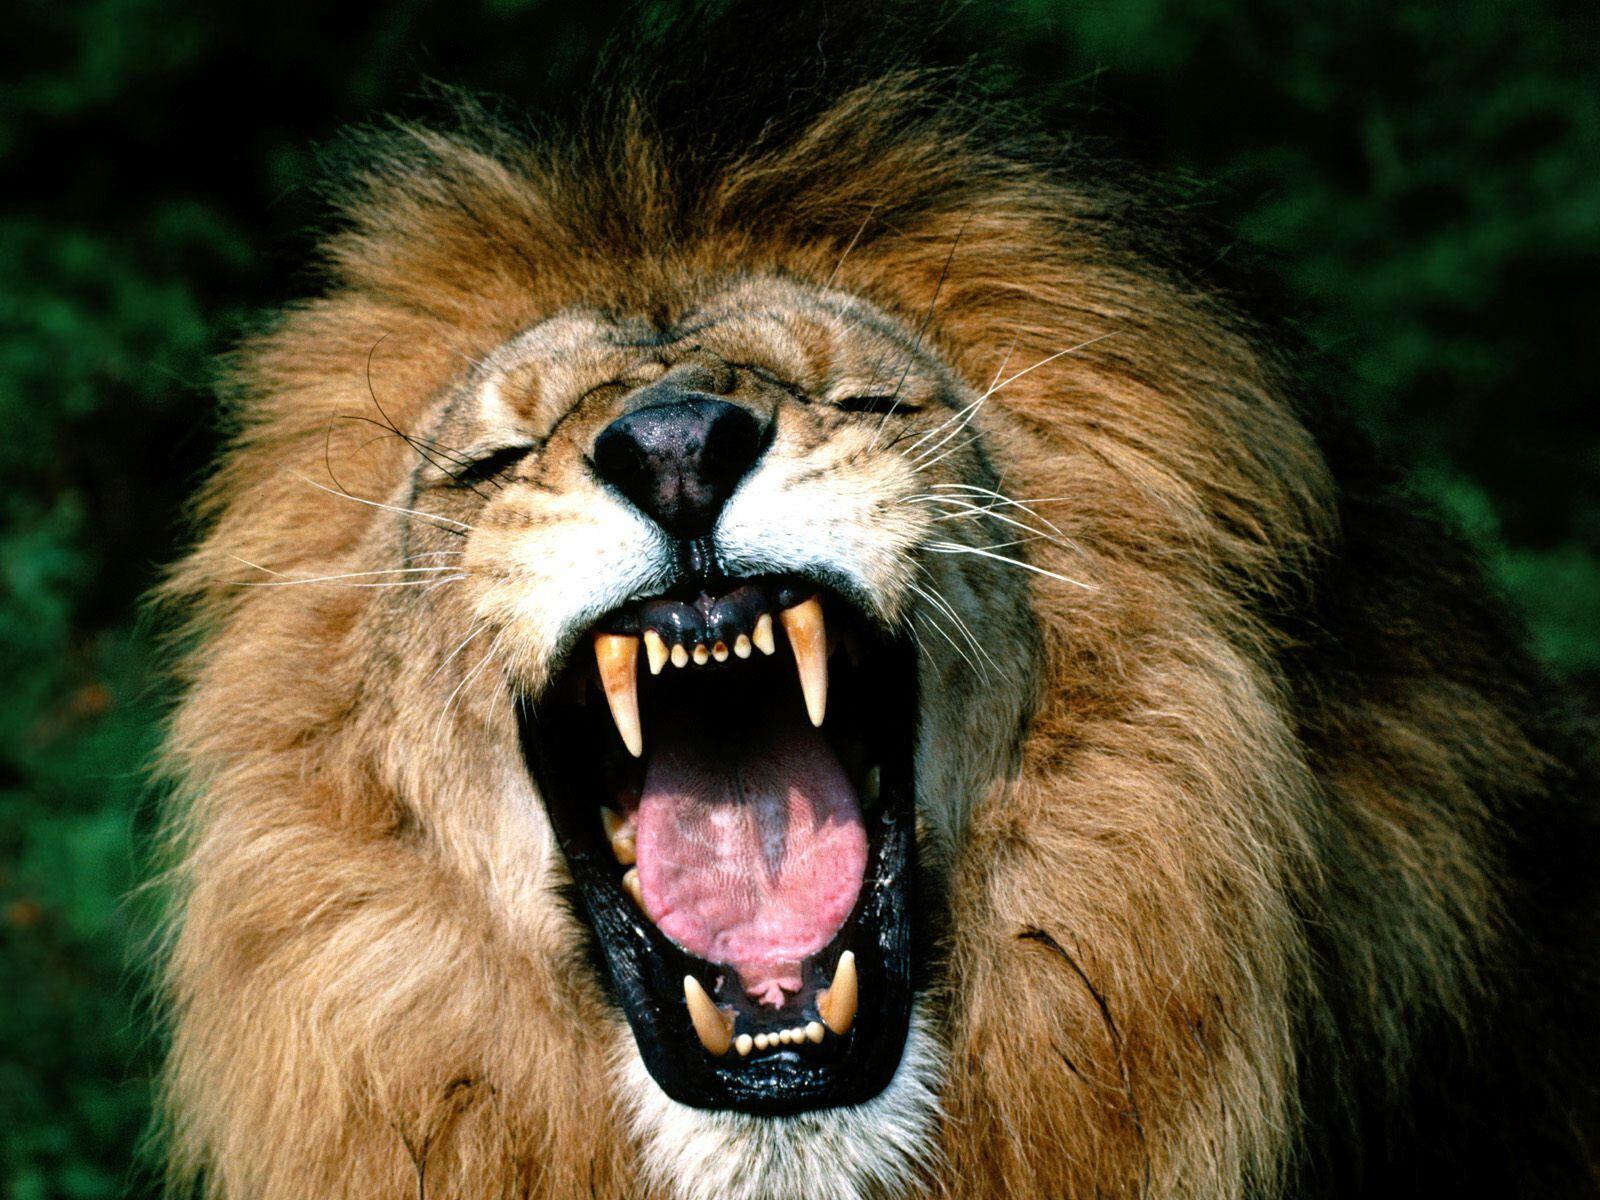 оскал льва, фото, обои на рабочий стол, скачать